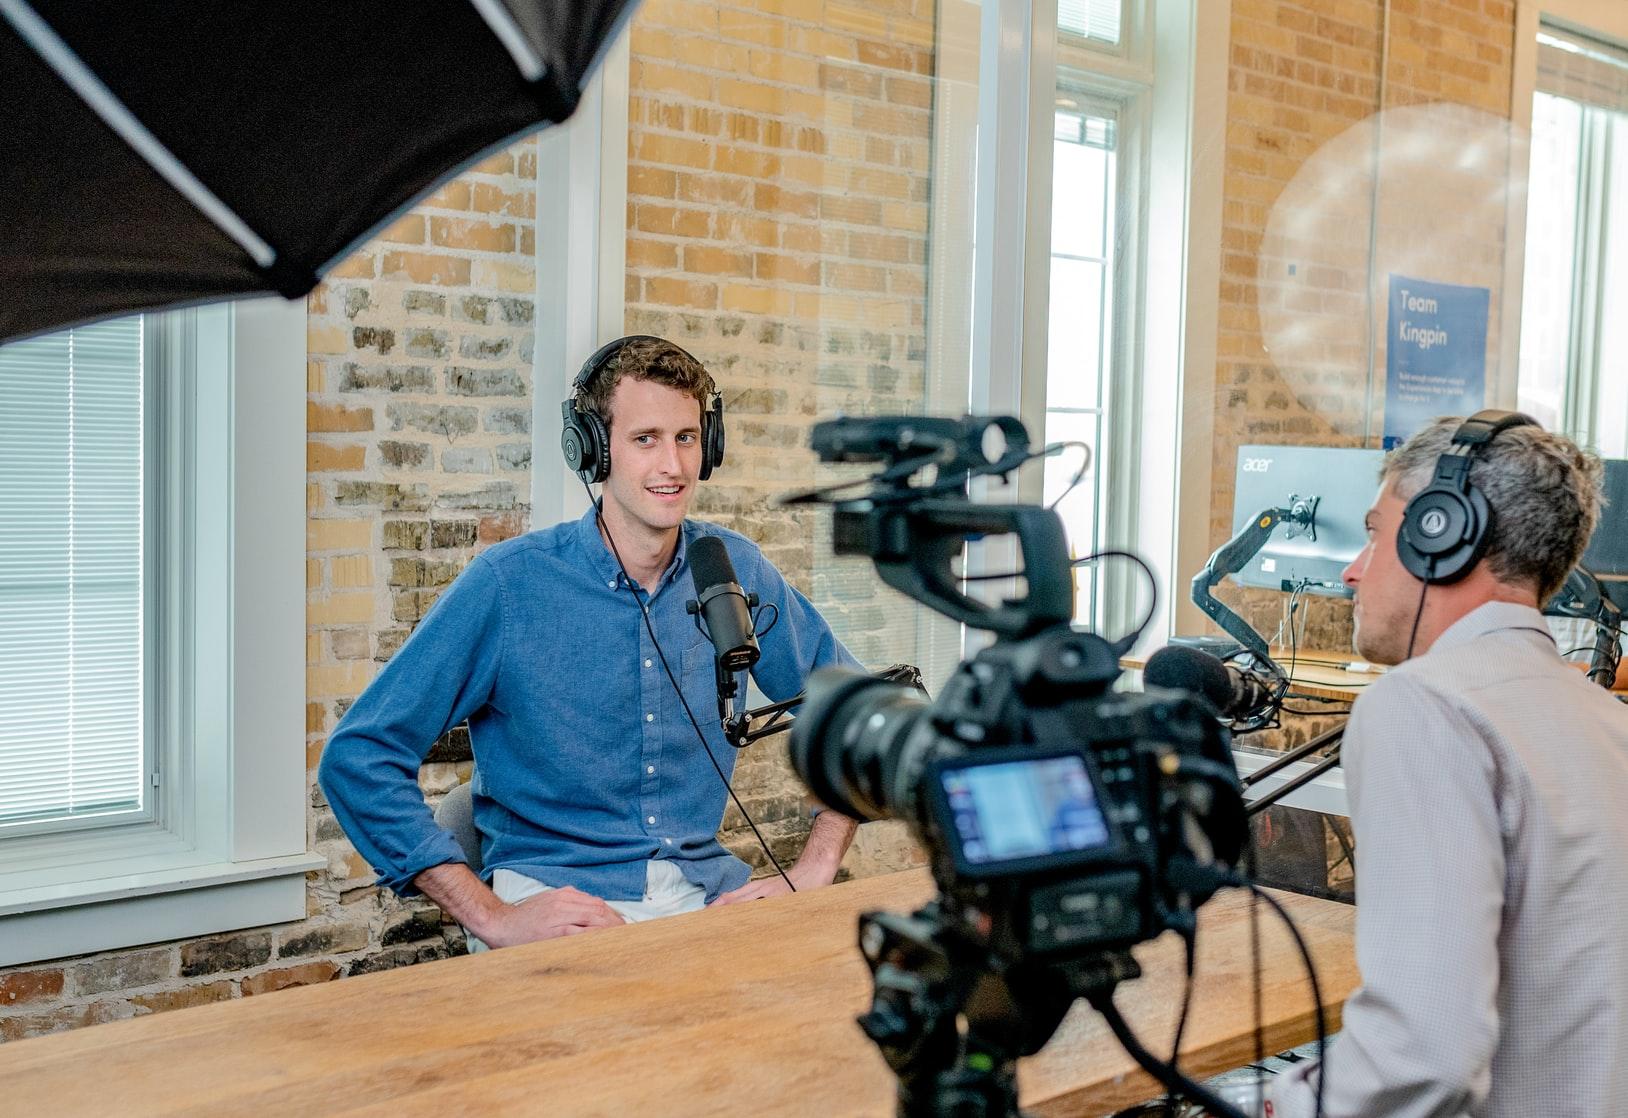 talking on camera